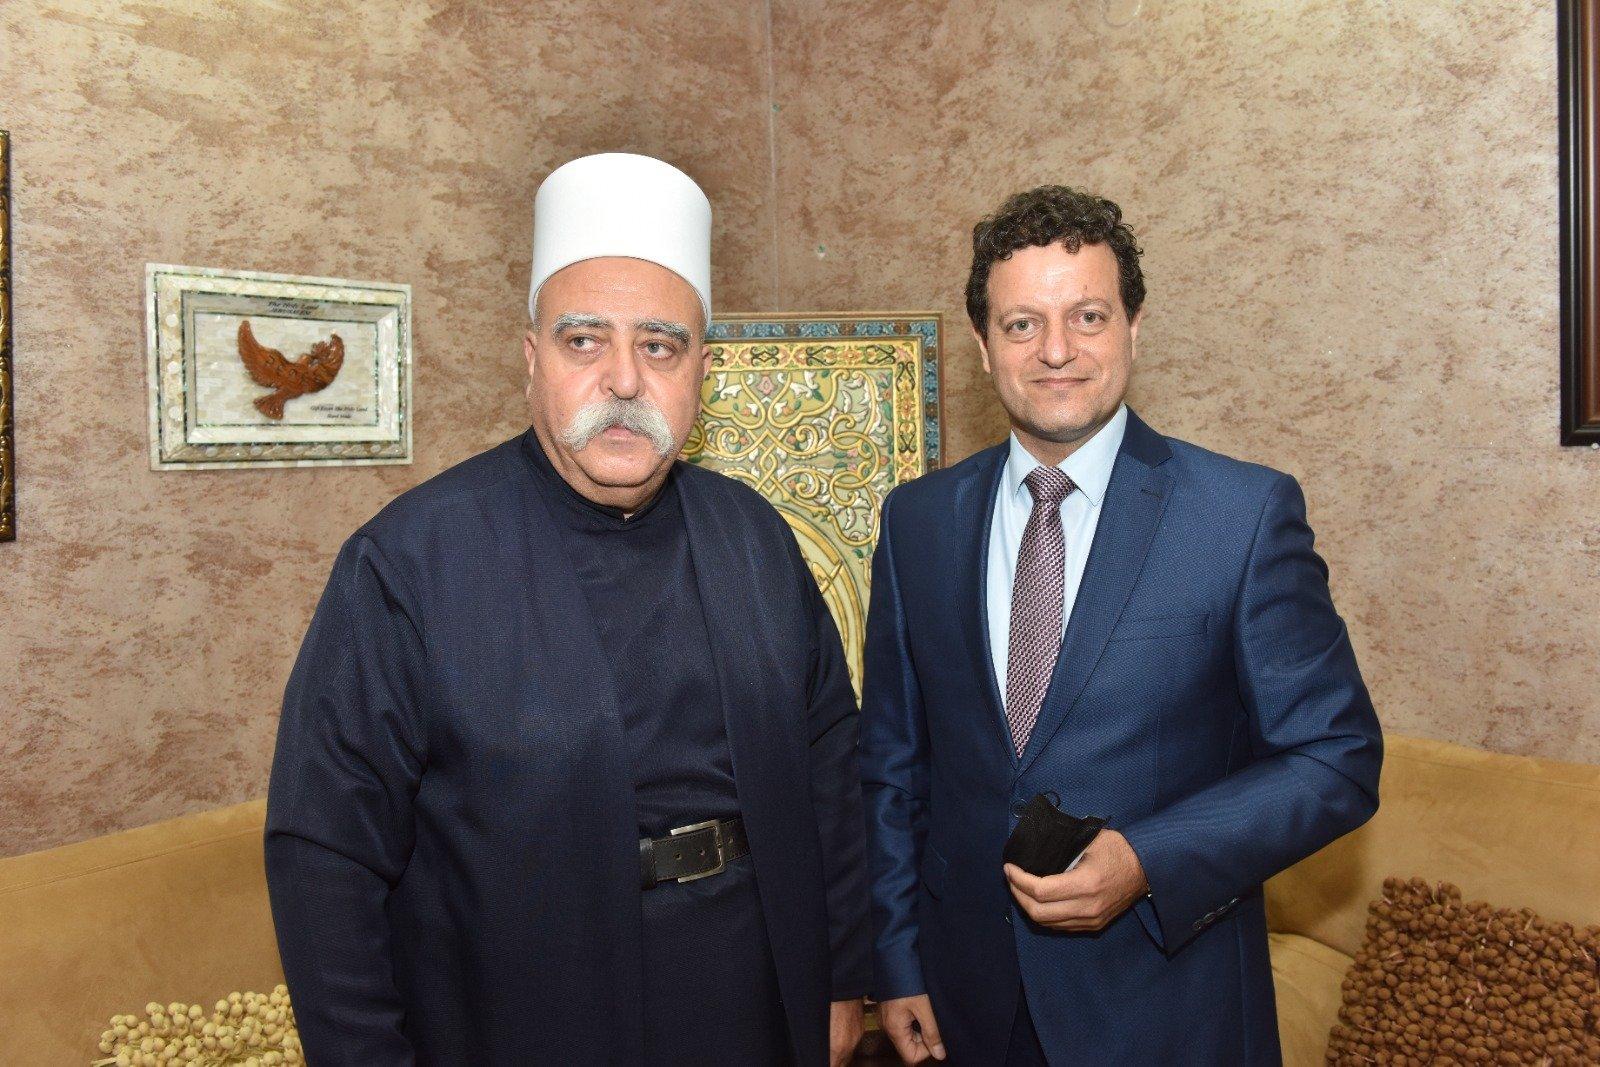 عشية العيد: رئيس مجلس إدارة لئومي د. سامر حاج يحيى يزور الشيخ موفق طريف-2